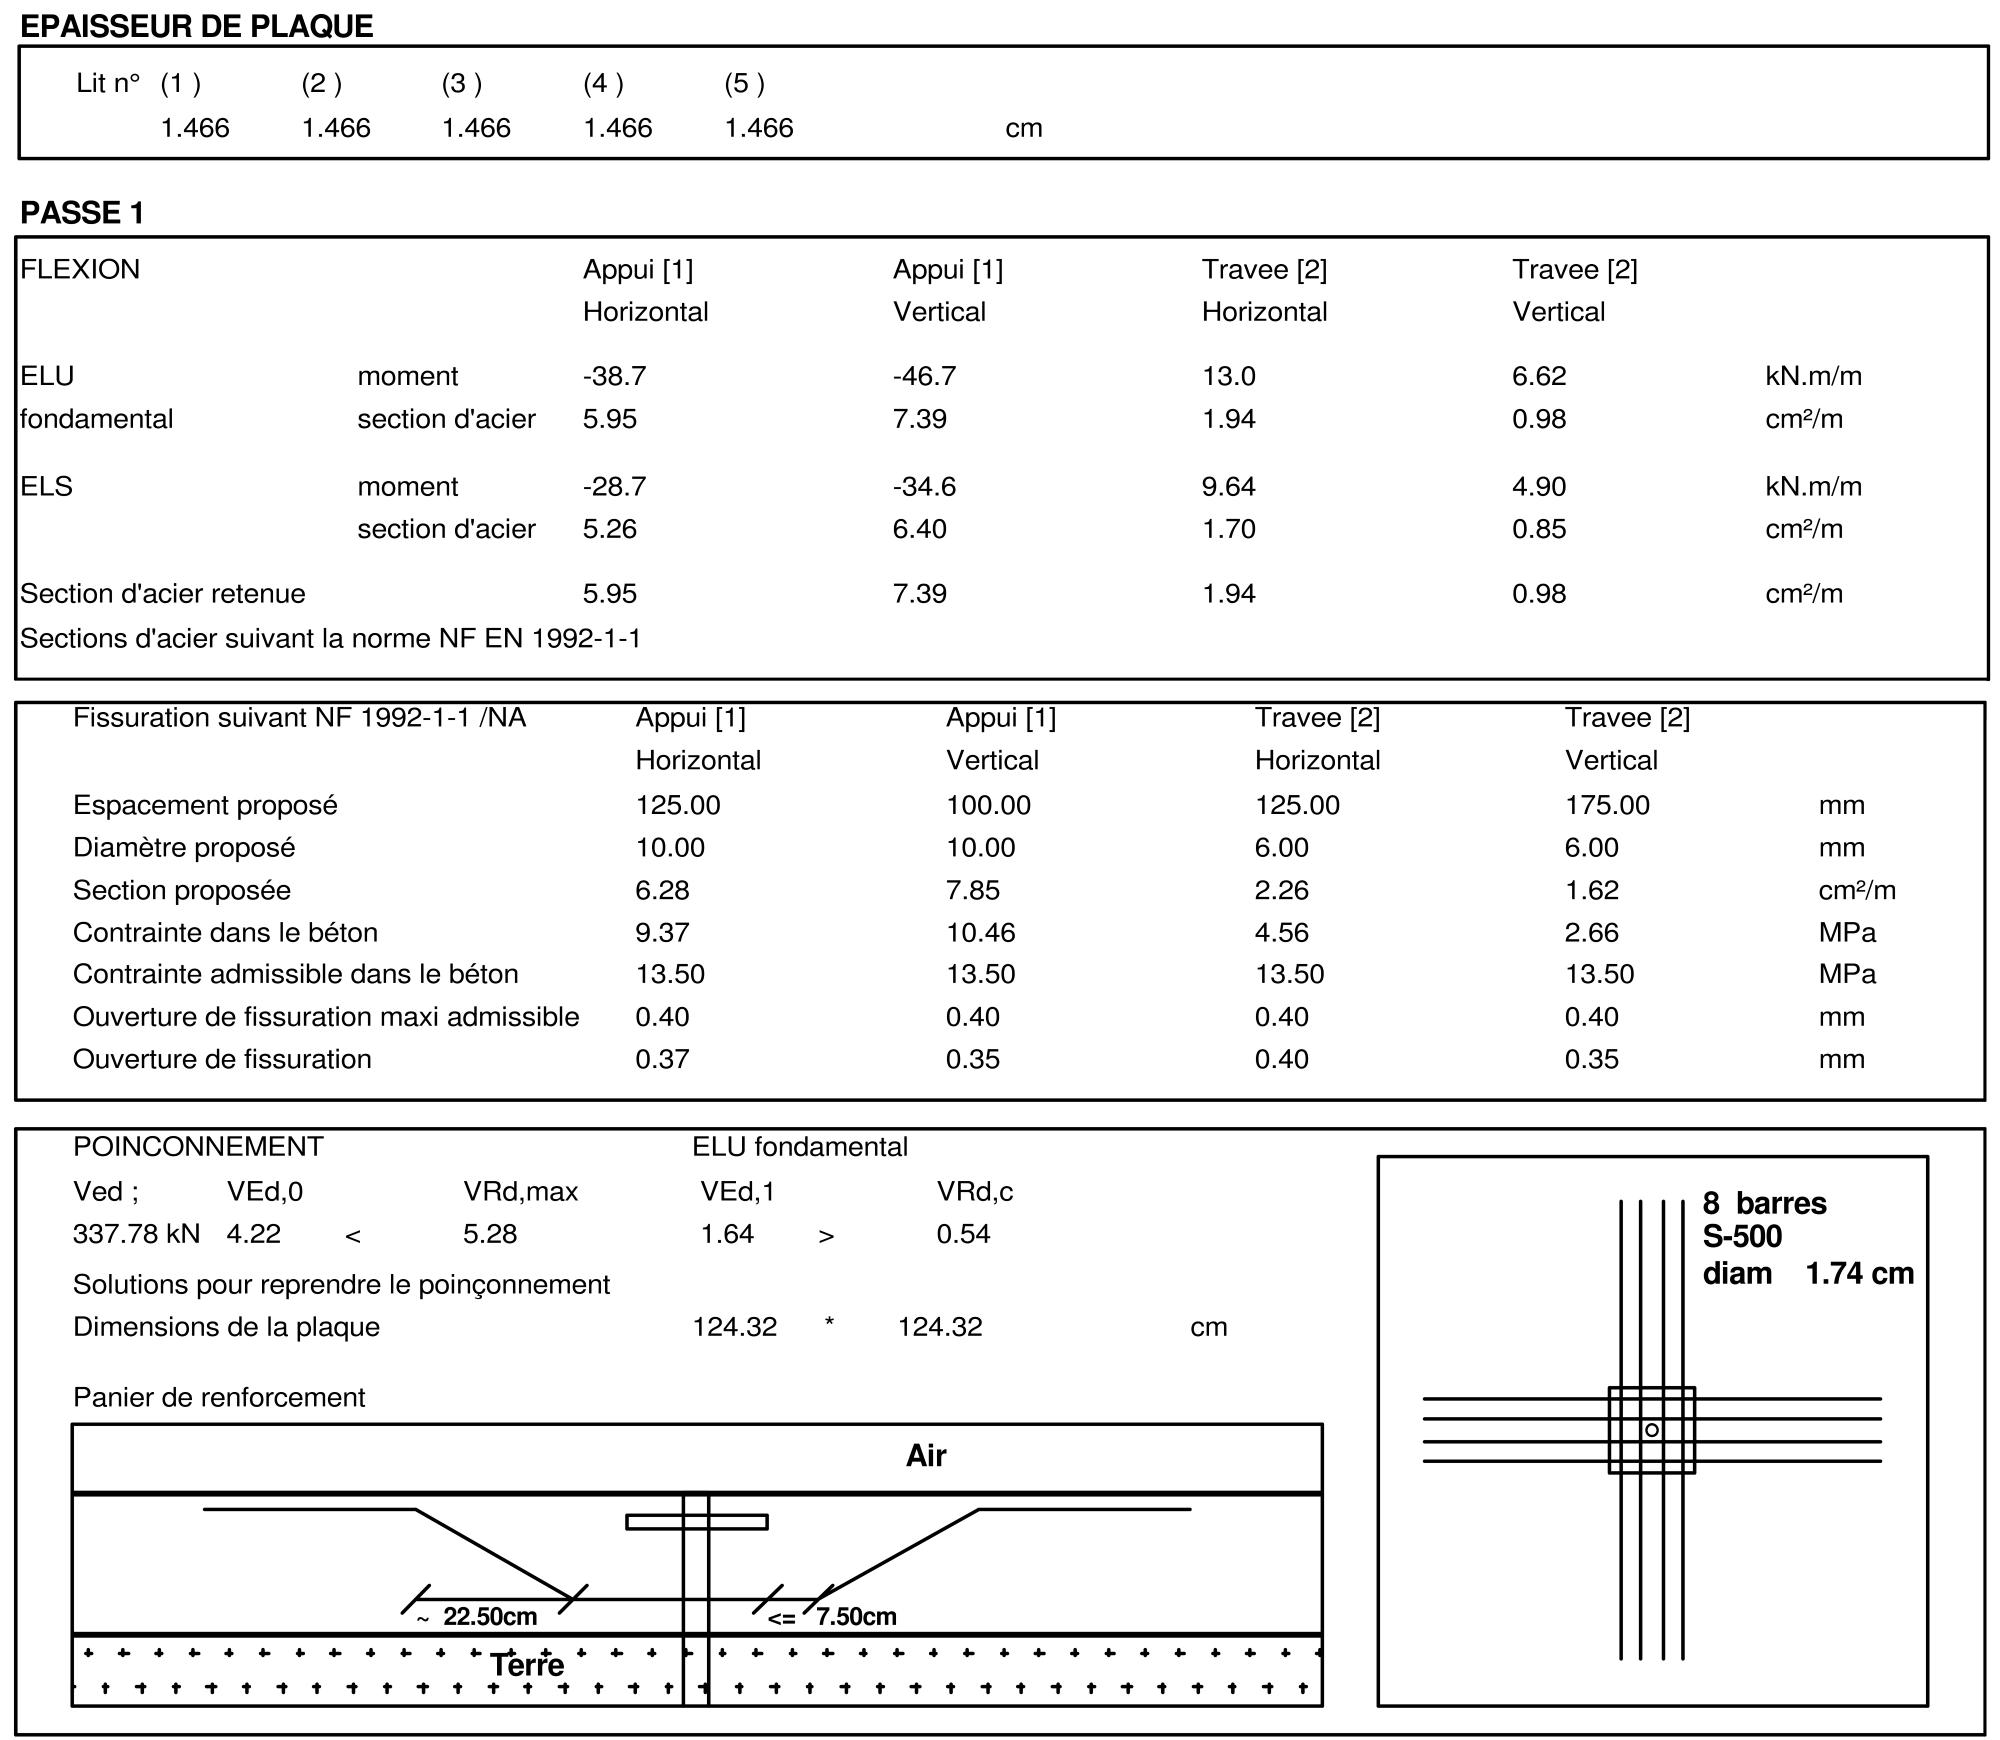 Resultat Flexion NF EN 1992